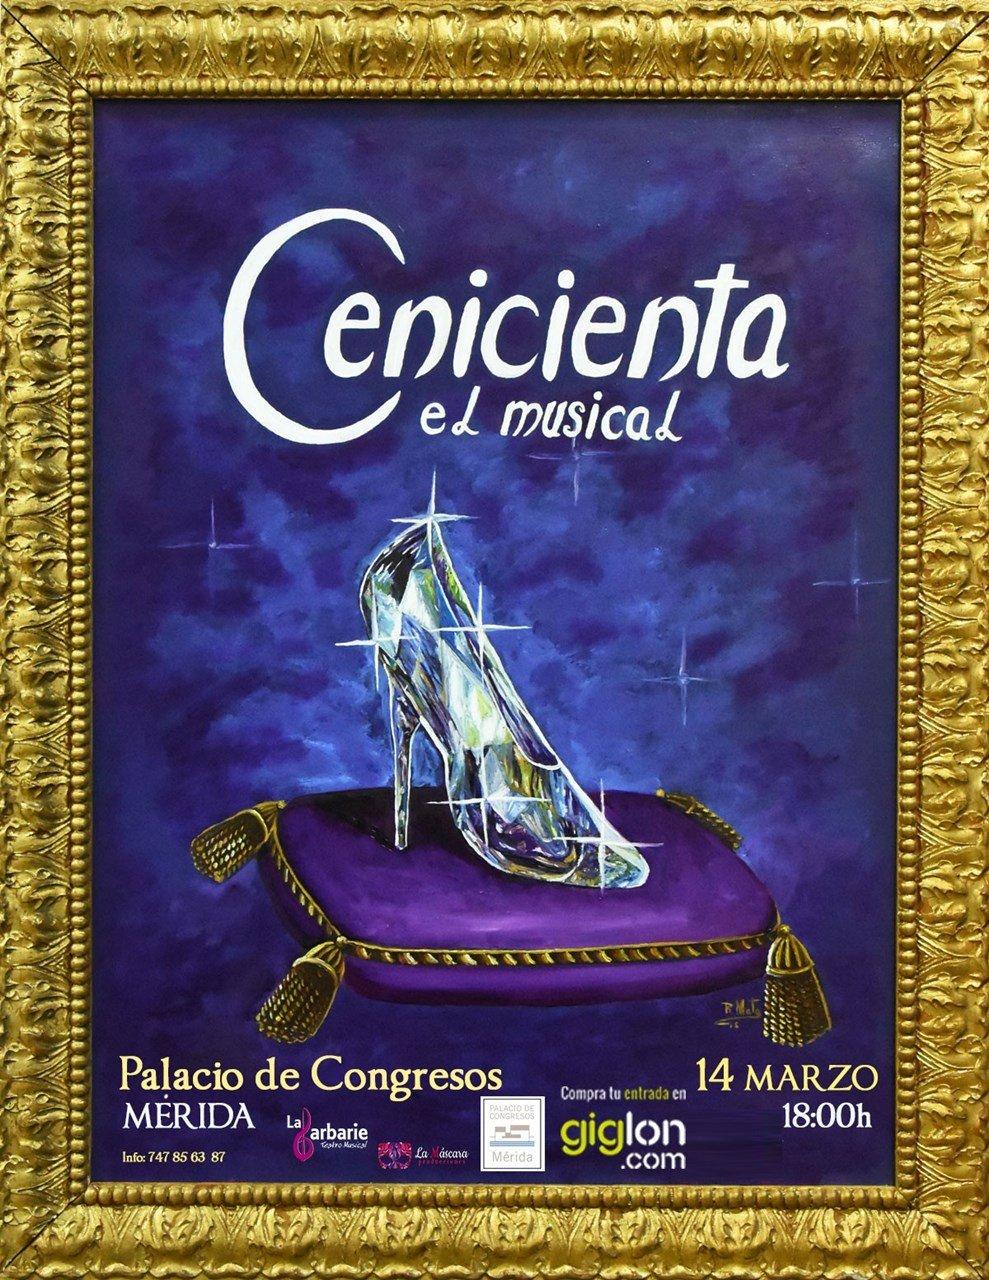 Cenicienta, el musical (NUEVA FECHA)